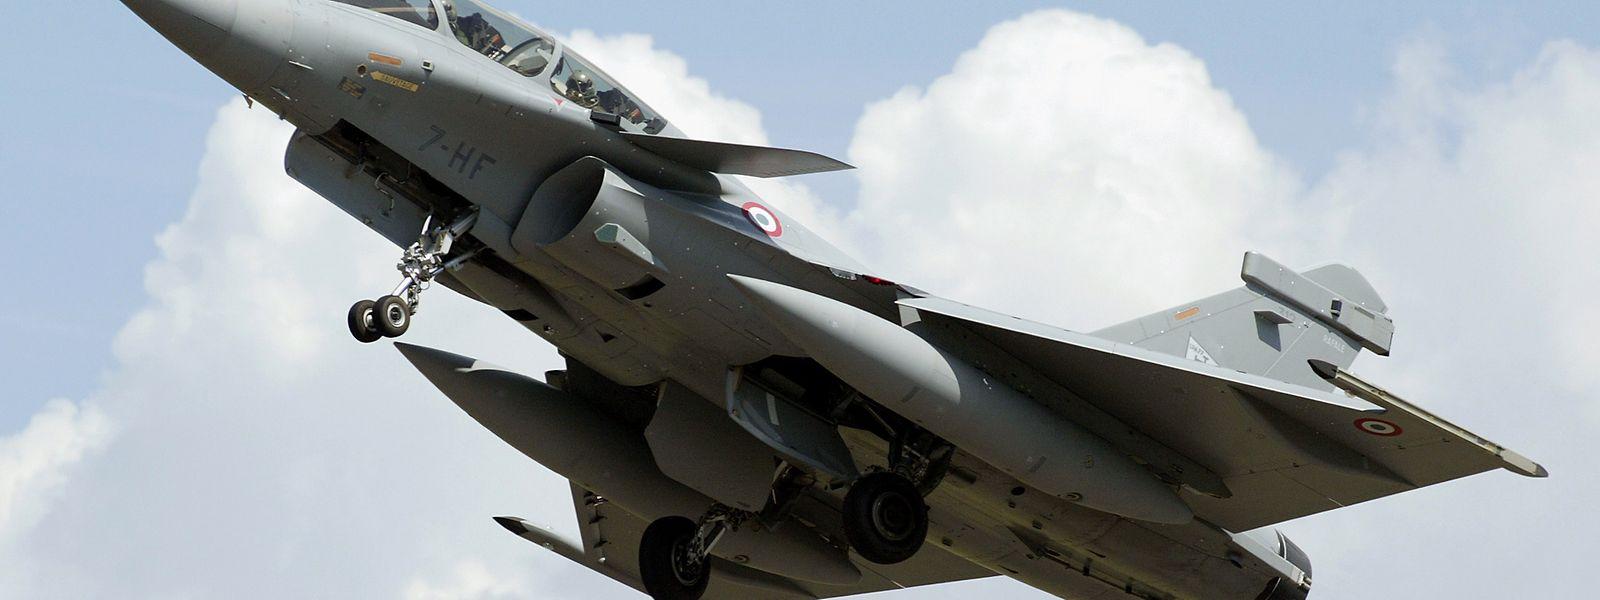 Ein Rafale-Jet der französischen Luftwaffe löste am Mittwoch Schreckmomente aus.